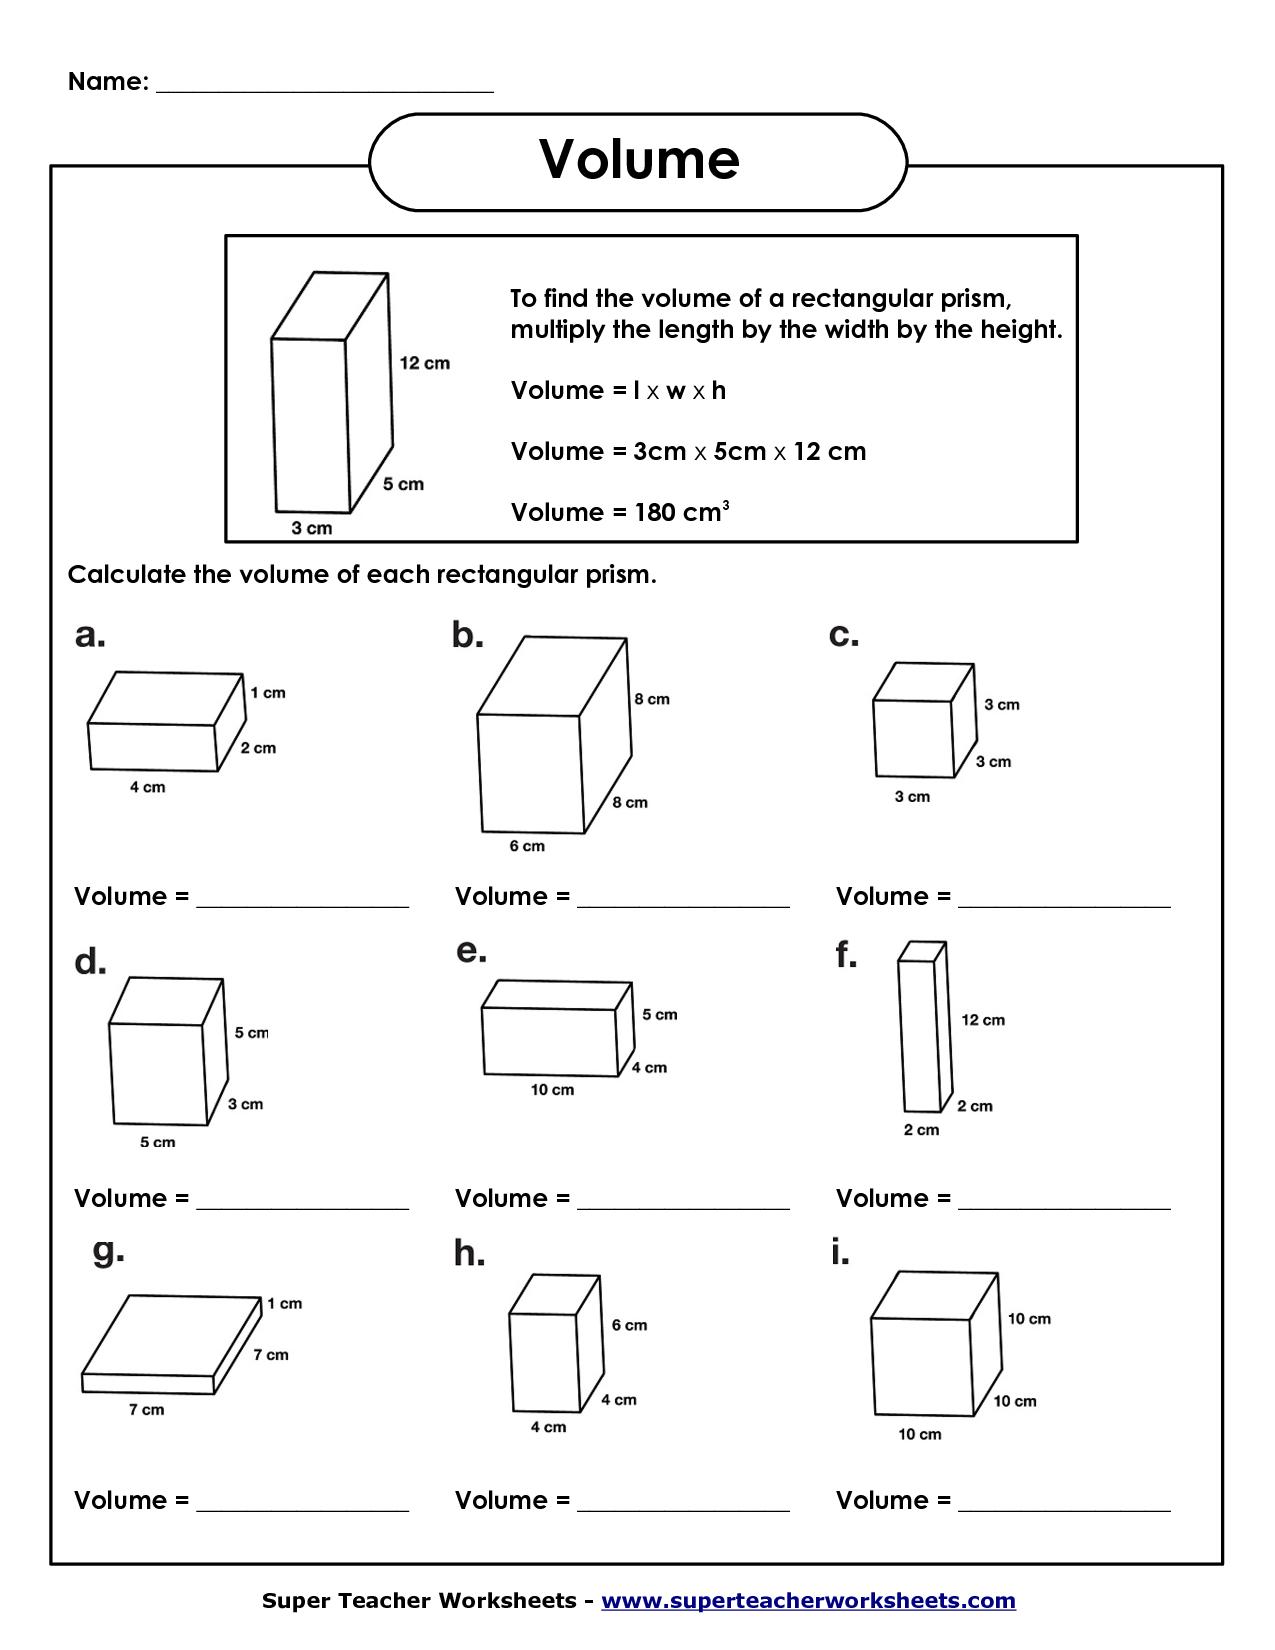 Volume Of Rectangular Prism Worksheet | Volume Worksheets | Math - Free Printable Volume Of Rectangular Prism Worksheets